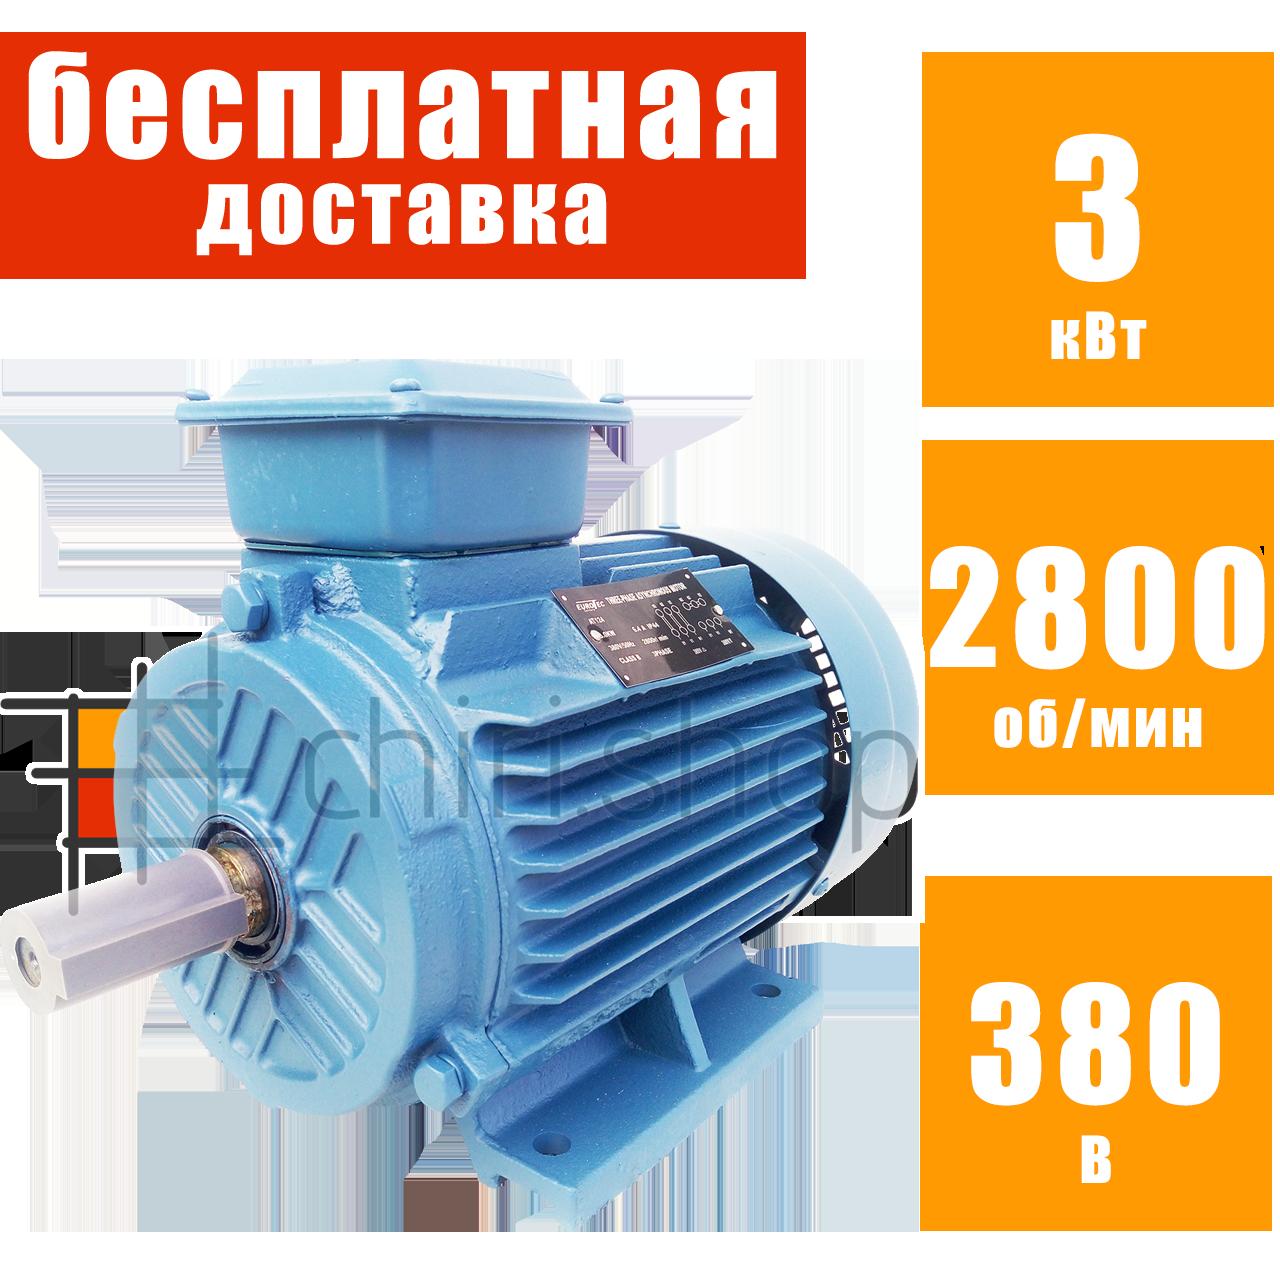 Электродвигатель 3 кВт 2800 об/мин 380 В, Eurotec AT 124 трехфазный электродвигатель переменного тока 3000 об